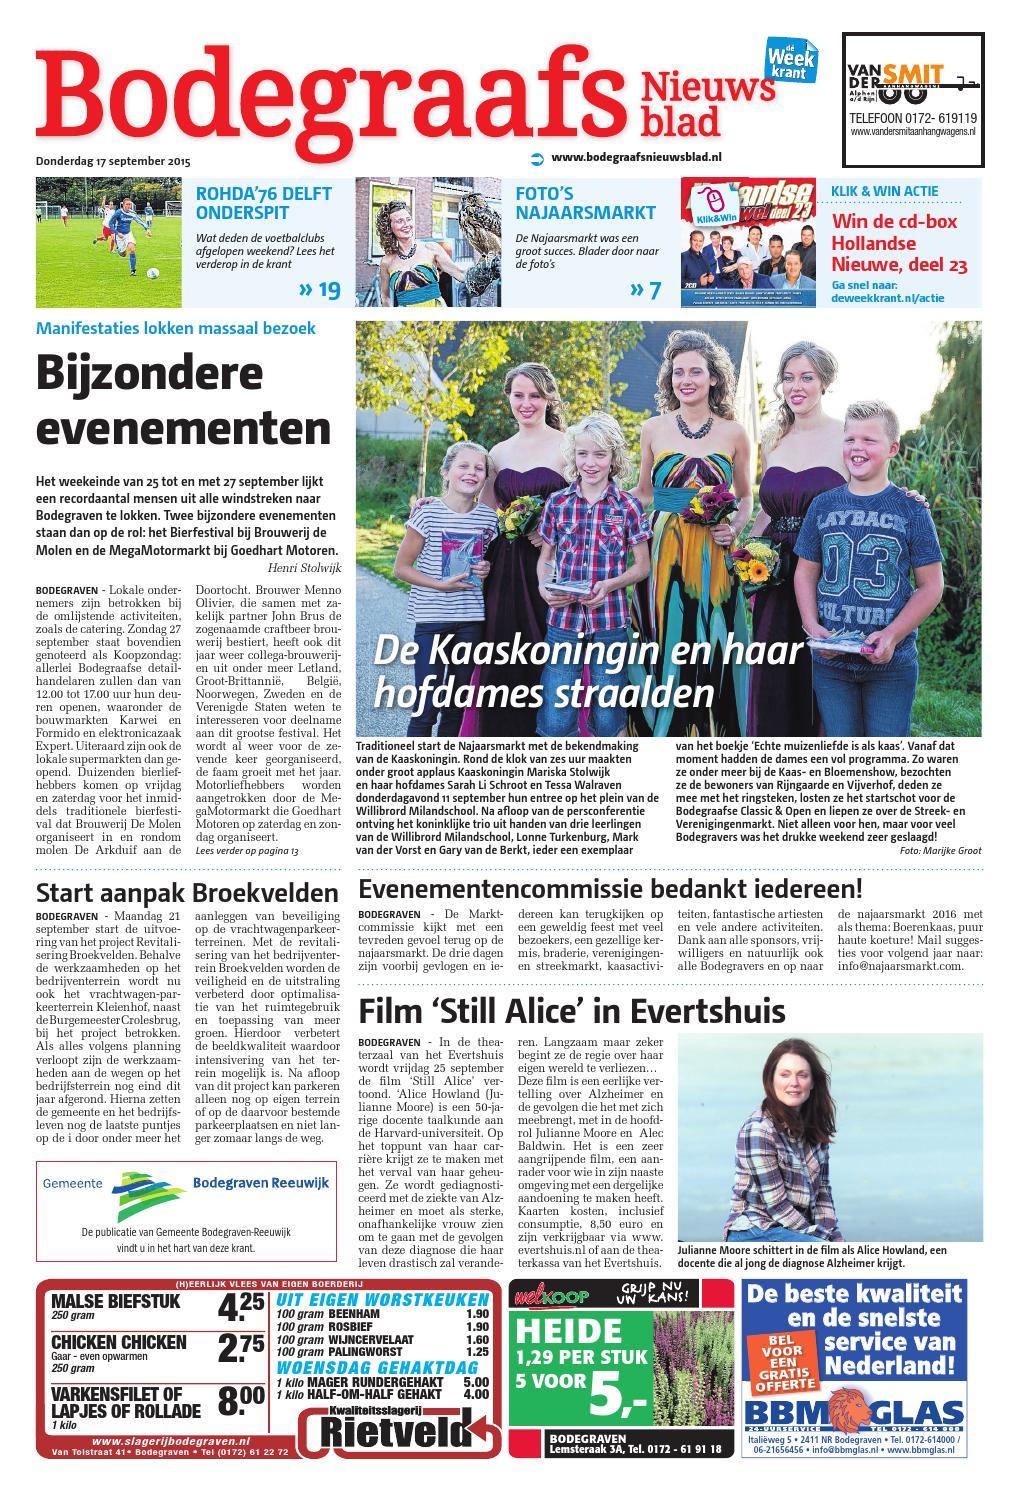 Bodegraafs nieuwsblad week38 by wegener issuu for Goedhart deuren